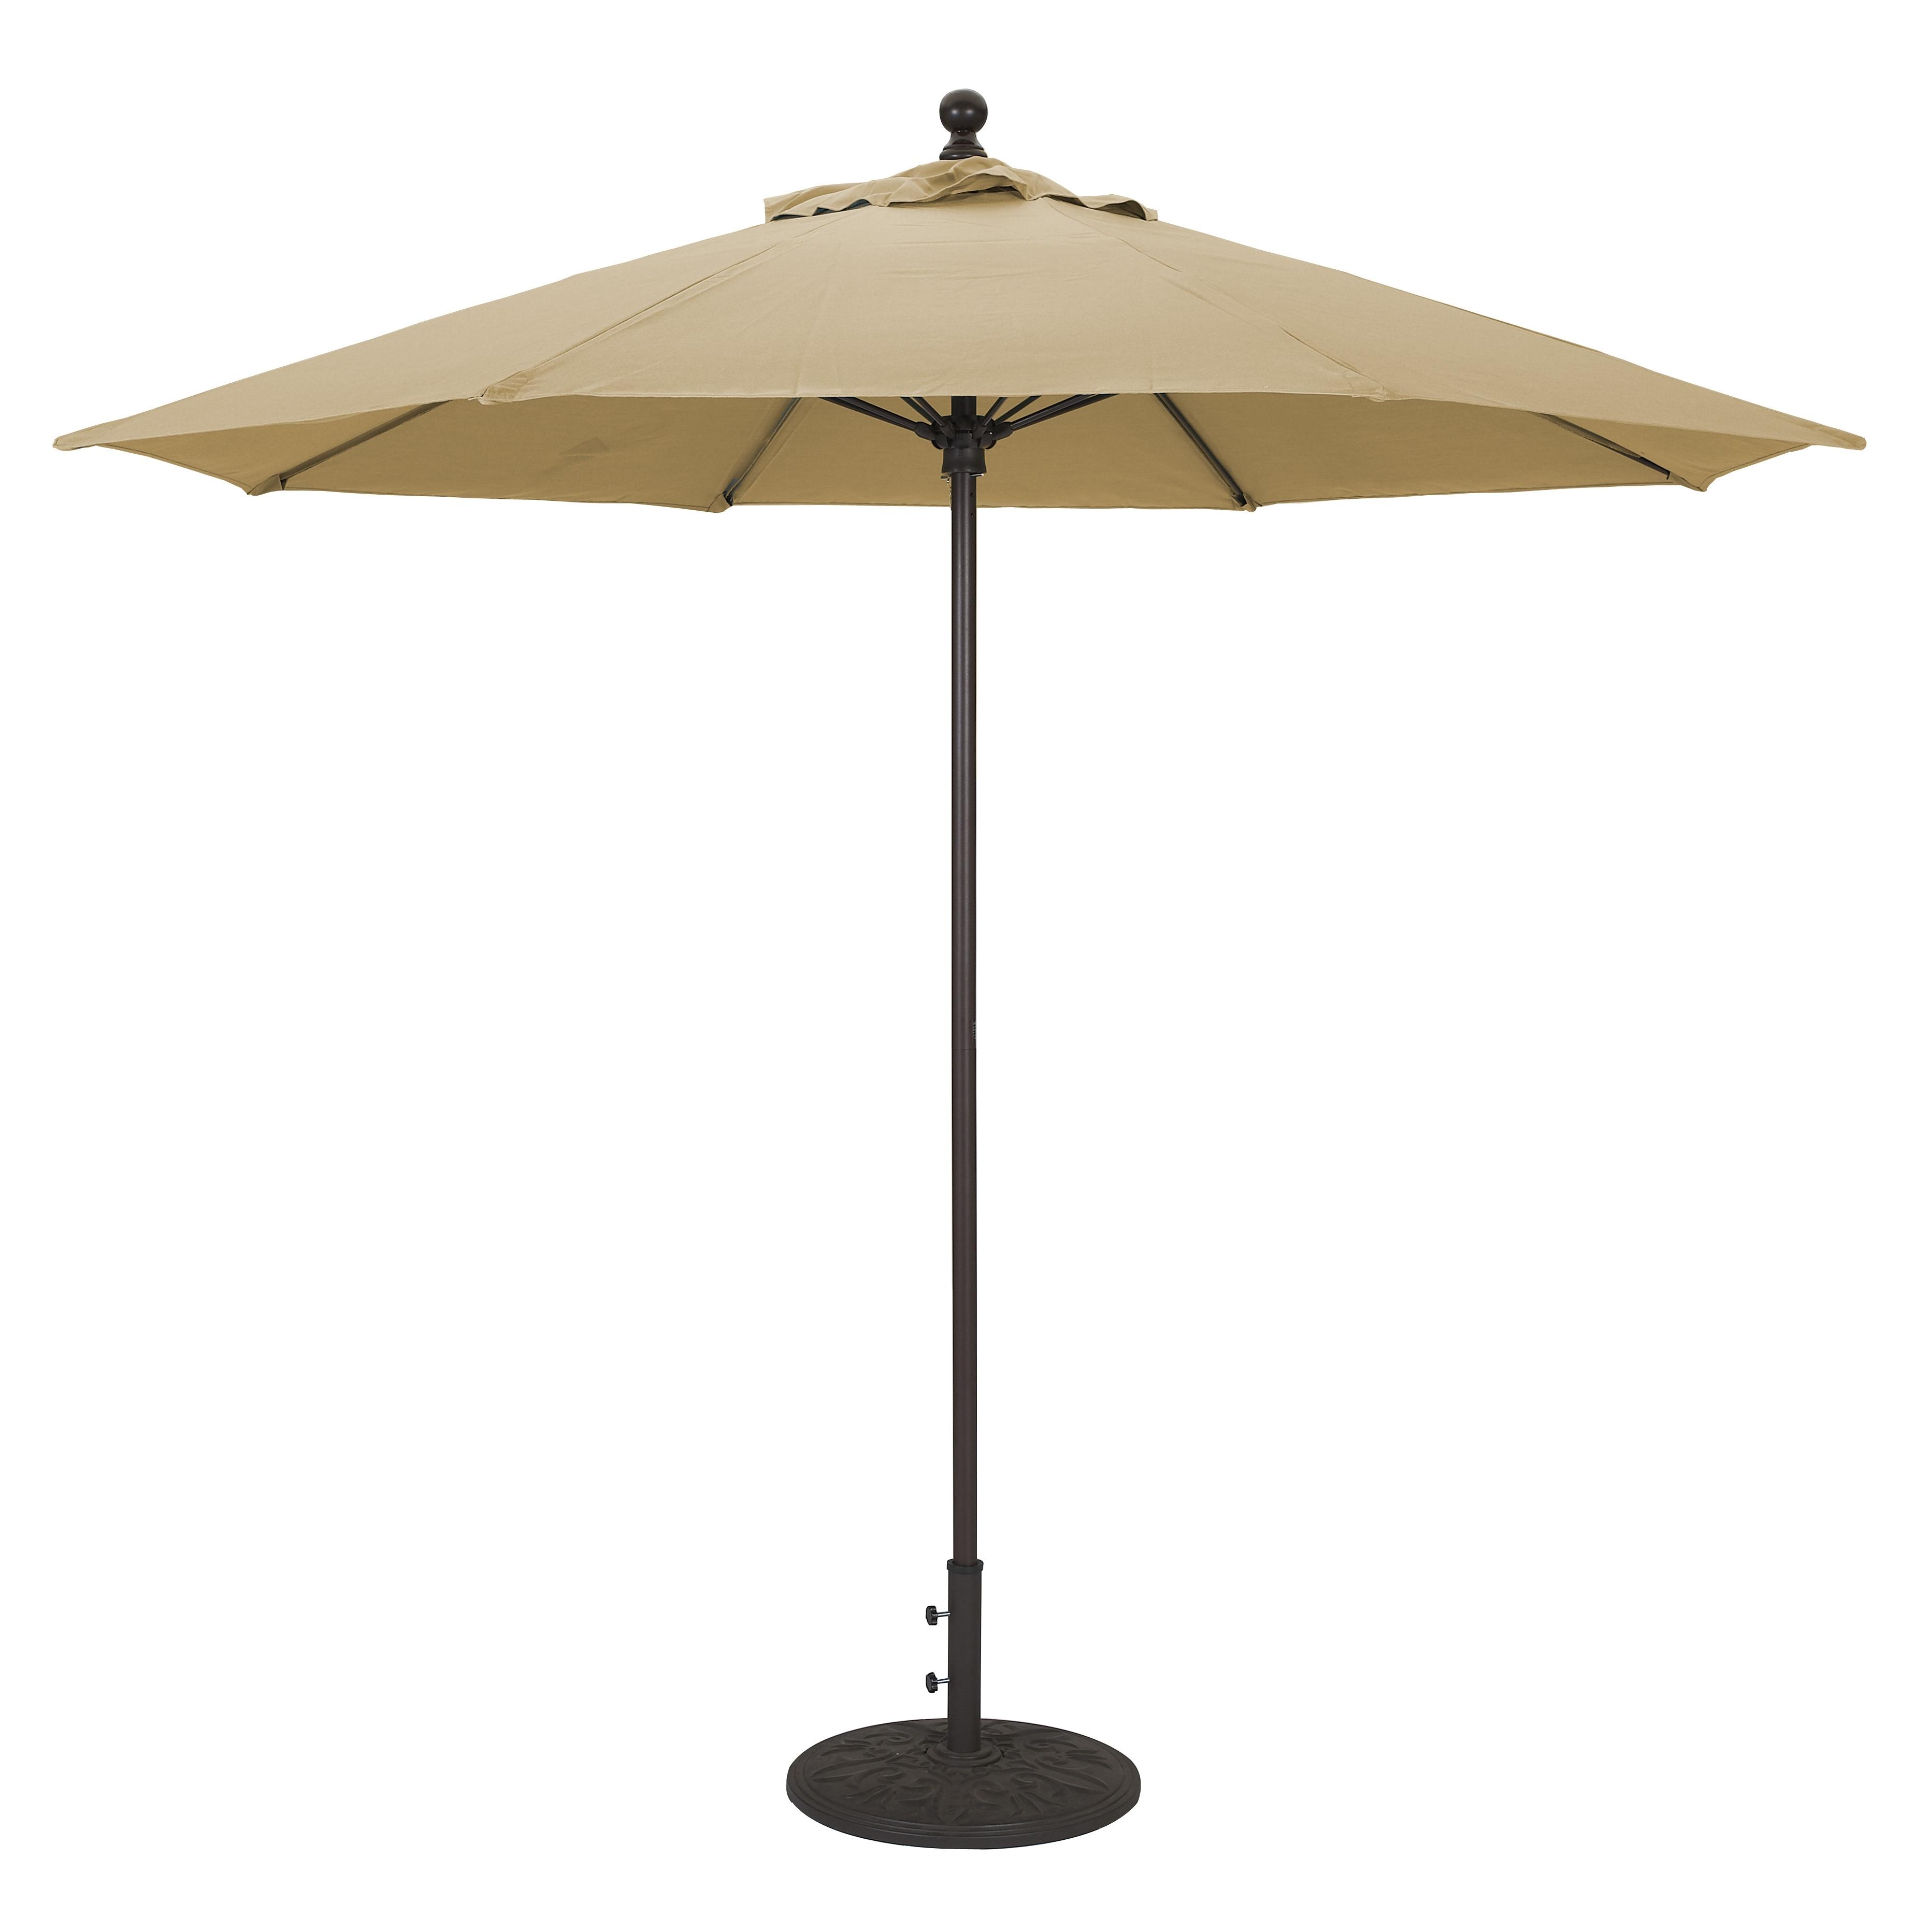 Newest Sunbrella Umbrellas Within Commercial Patio Umbrellas Sunbrella (Gallery 16 of 20)